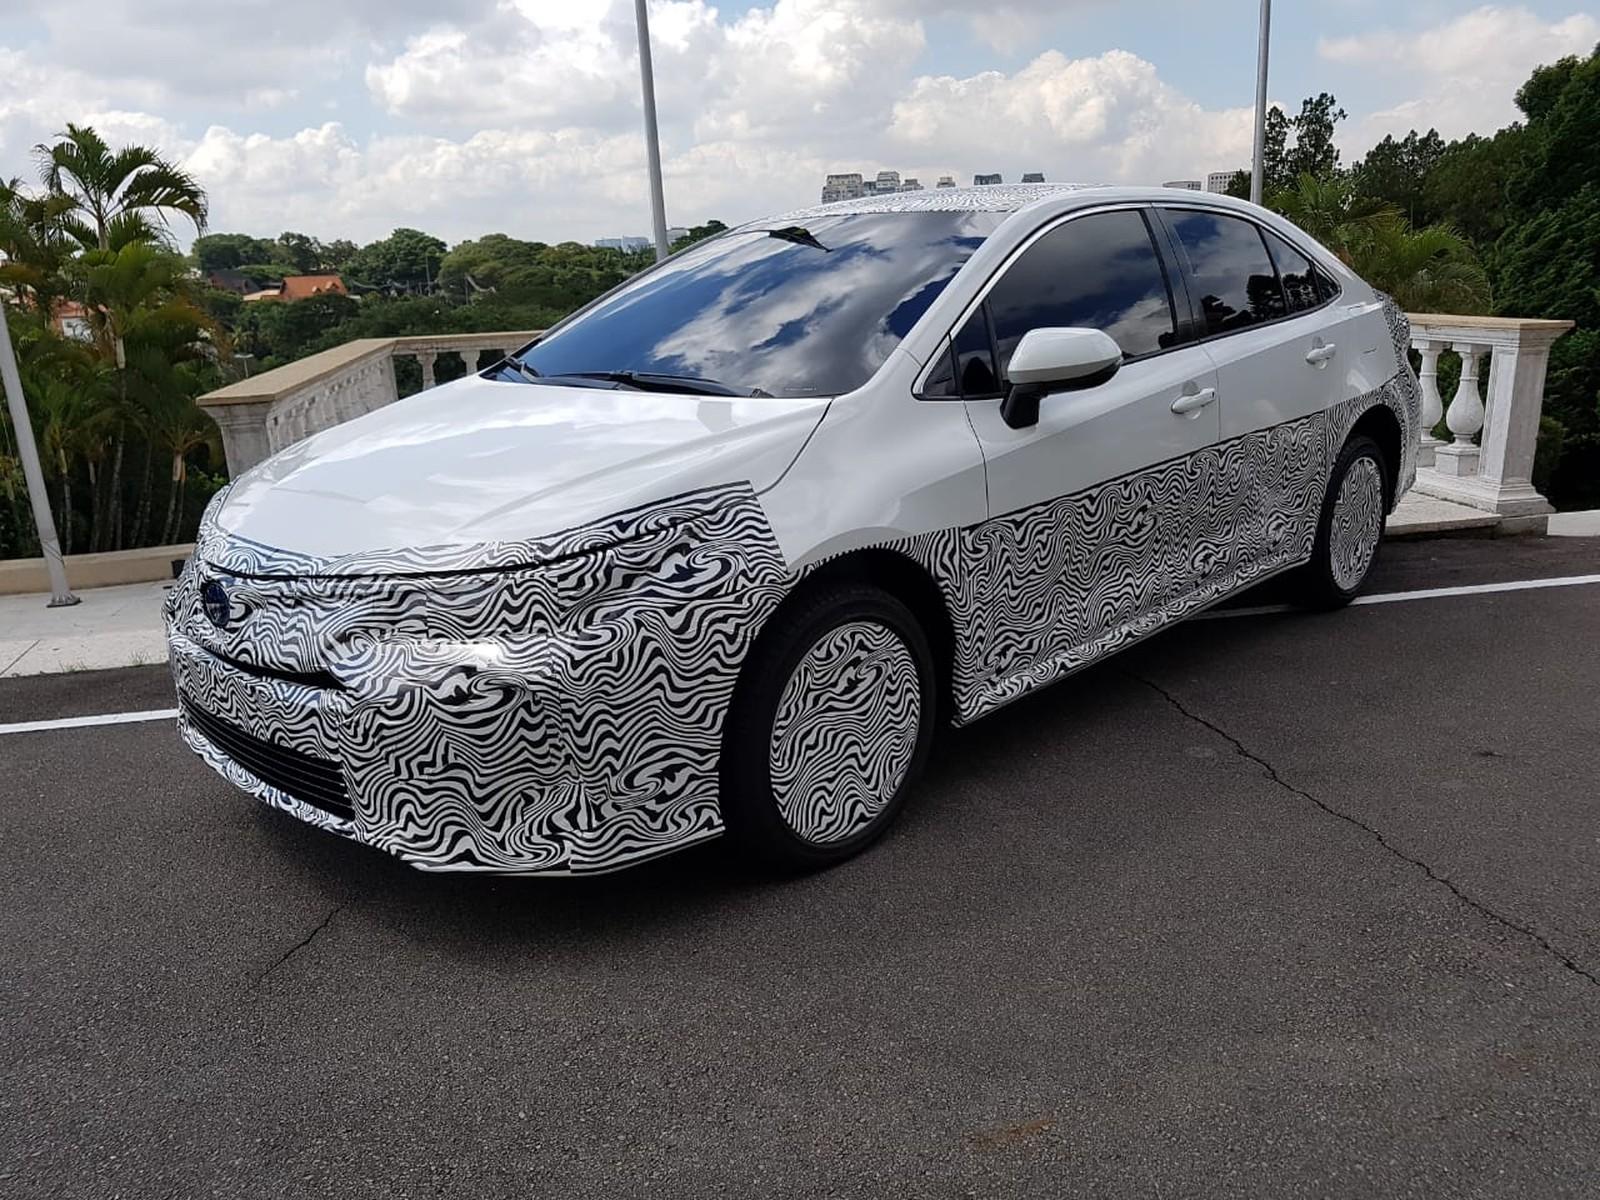 Toyota apresenta o 1º híbrido flex: eletricidade, etanol e gasolina